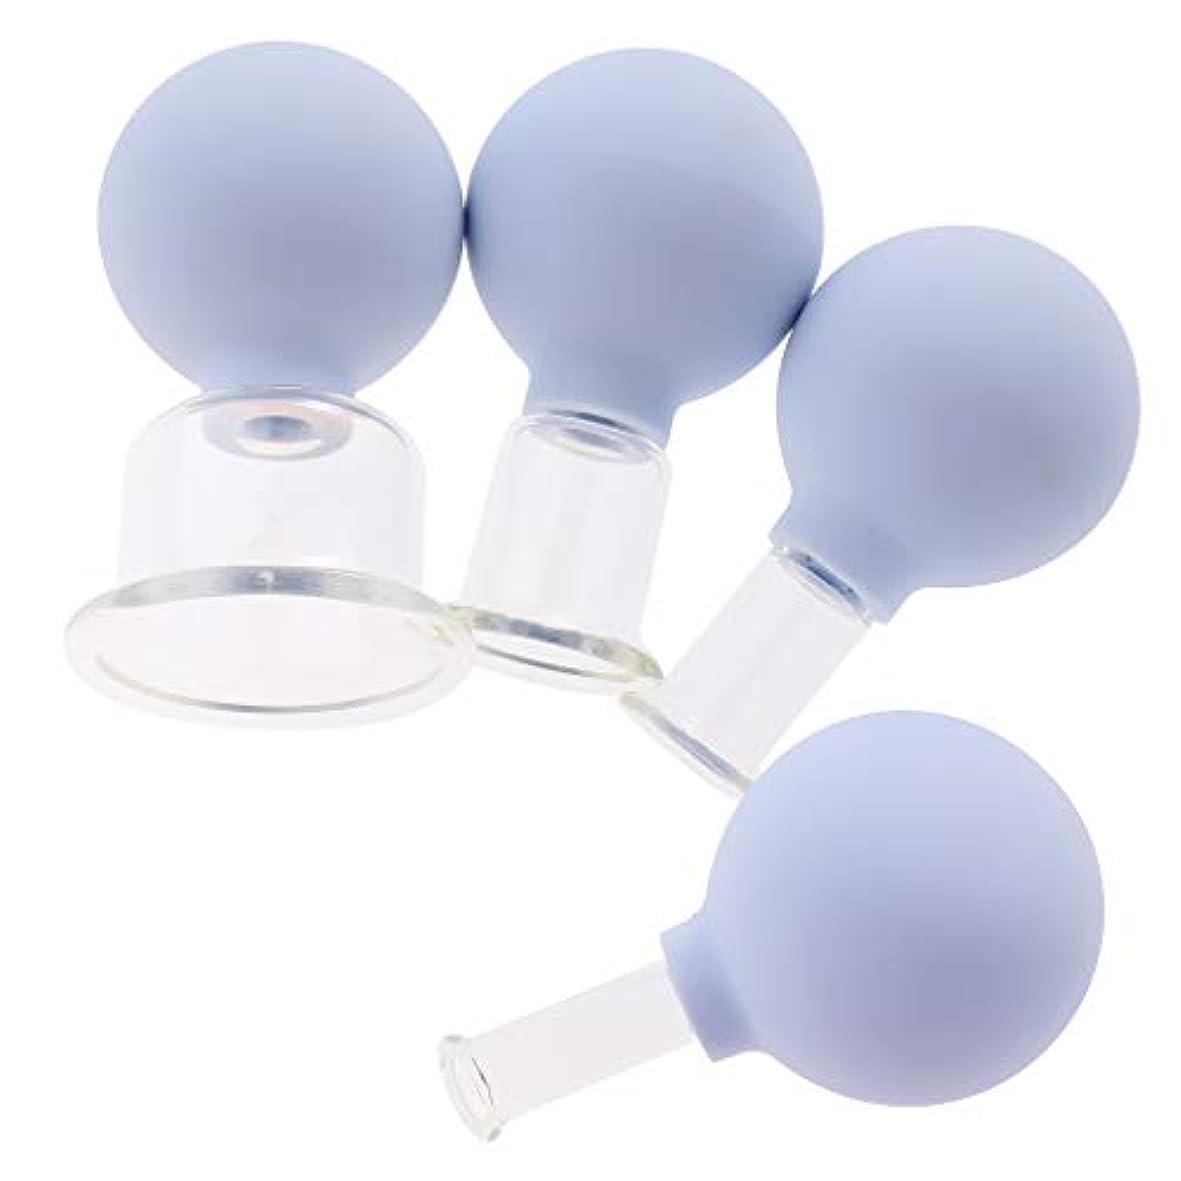 その間ムスタチオドラマCUTICATE 全3色 マッサージカップ ガラスカッピング 吸い玉 マッサージ カッピングセット 4個入 - 白